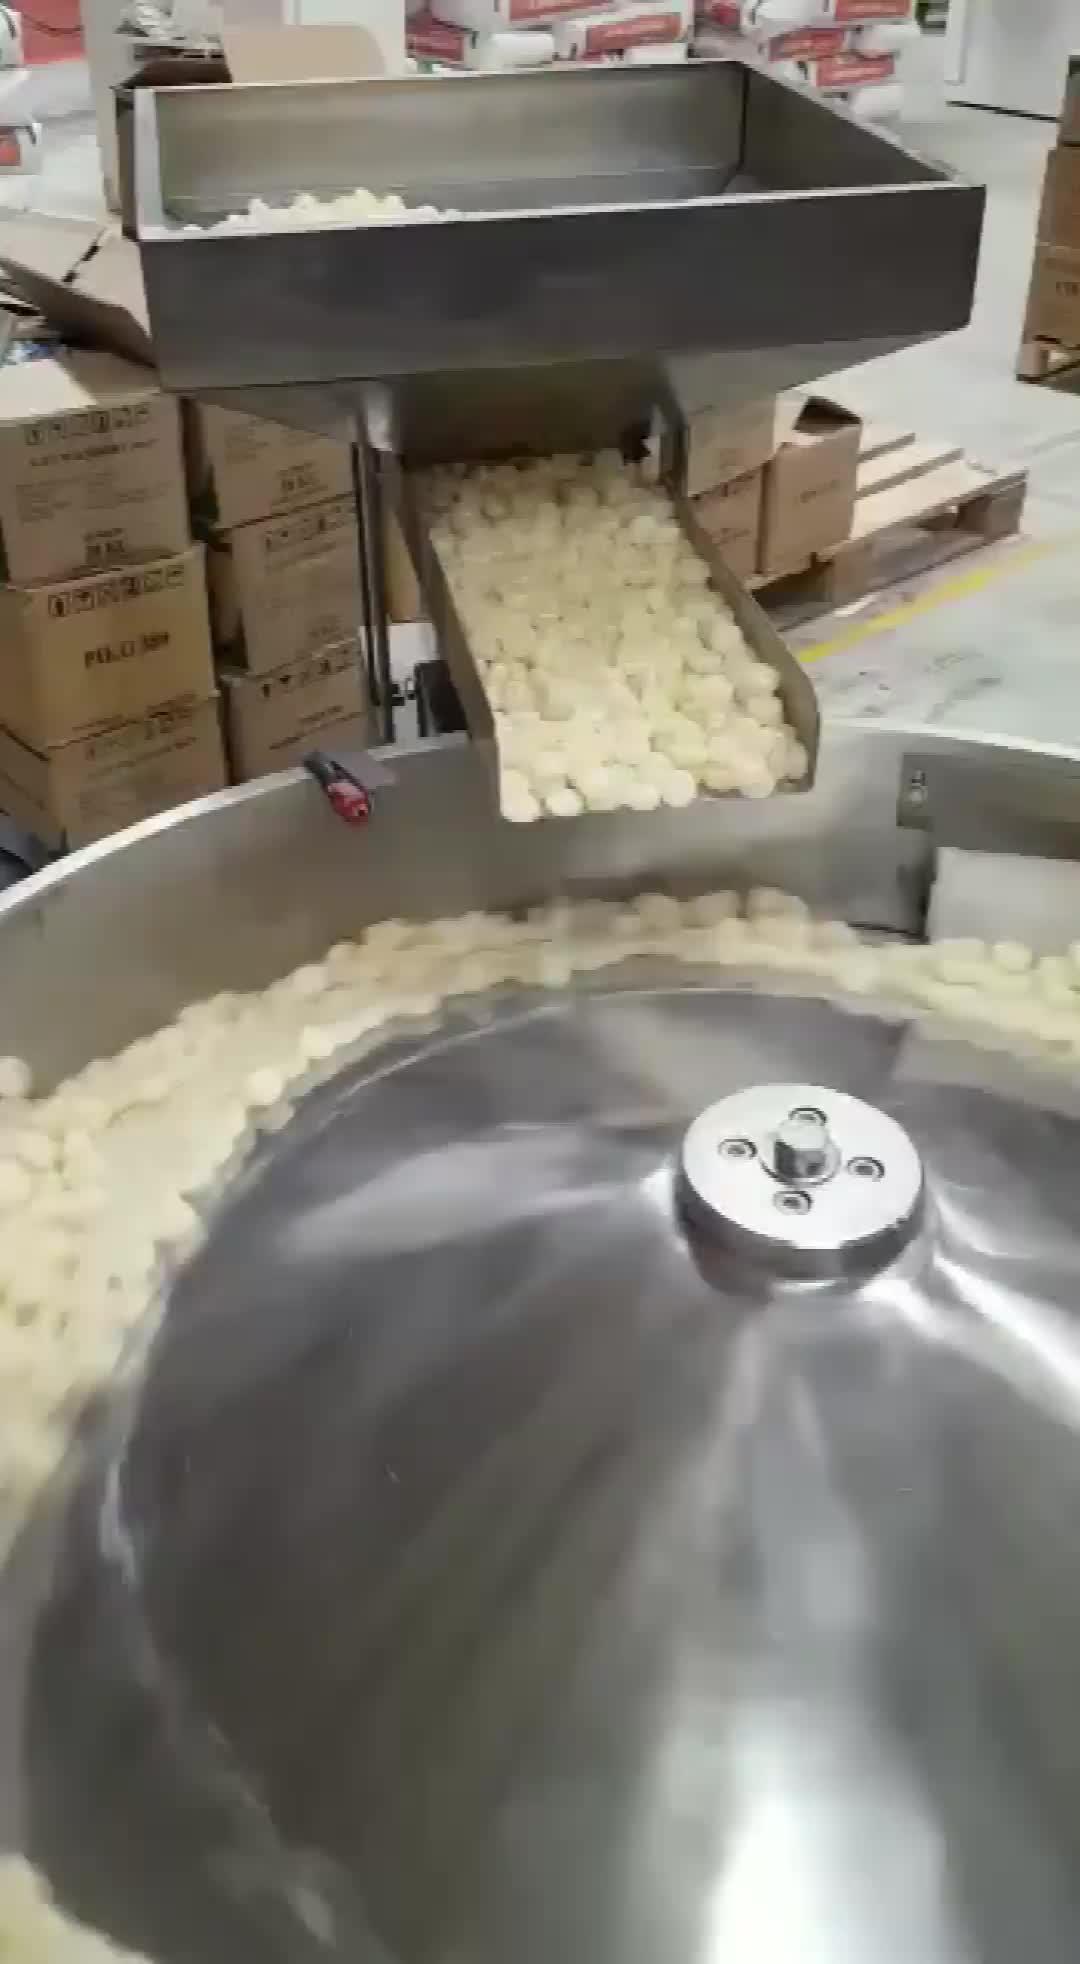 JKPACK 1200 Automatico Piccolo Candy Dolci Pacchetto Cuscino Tipo di Macchine per Imballaggio